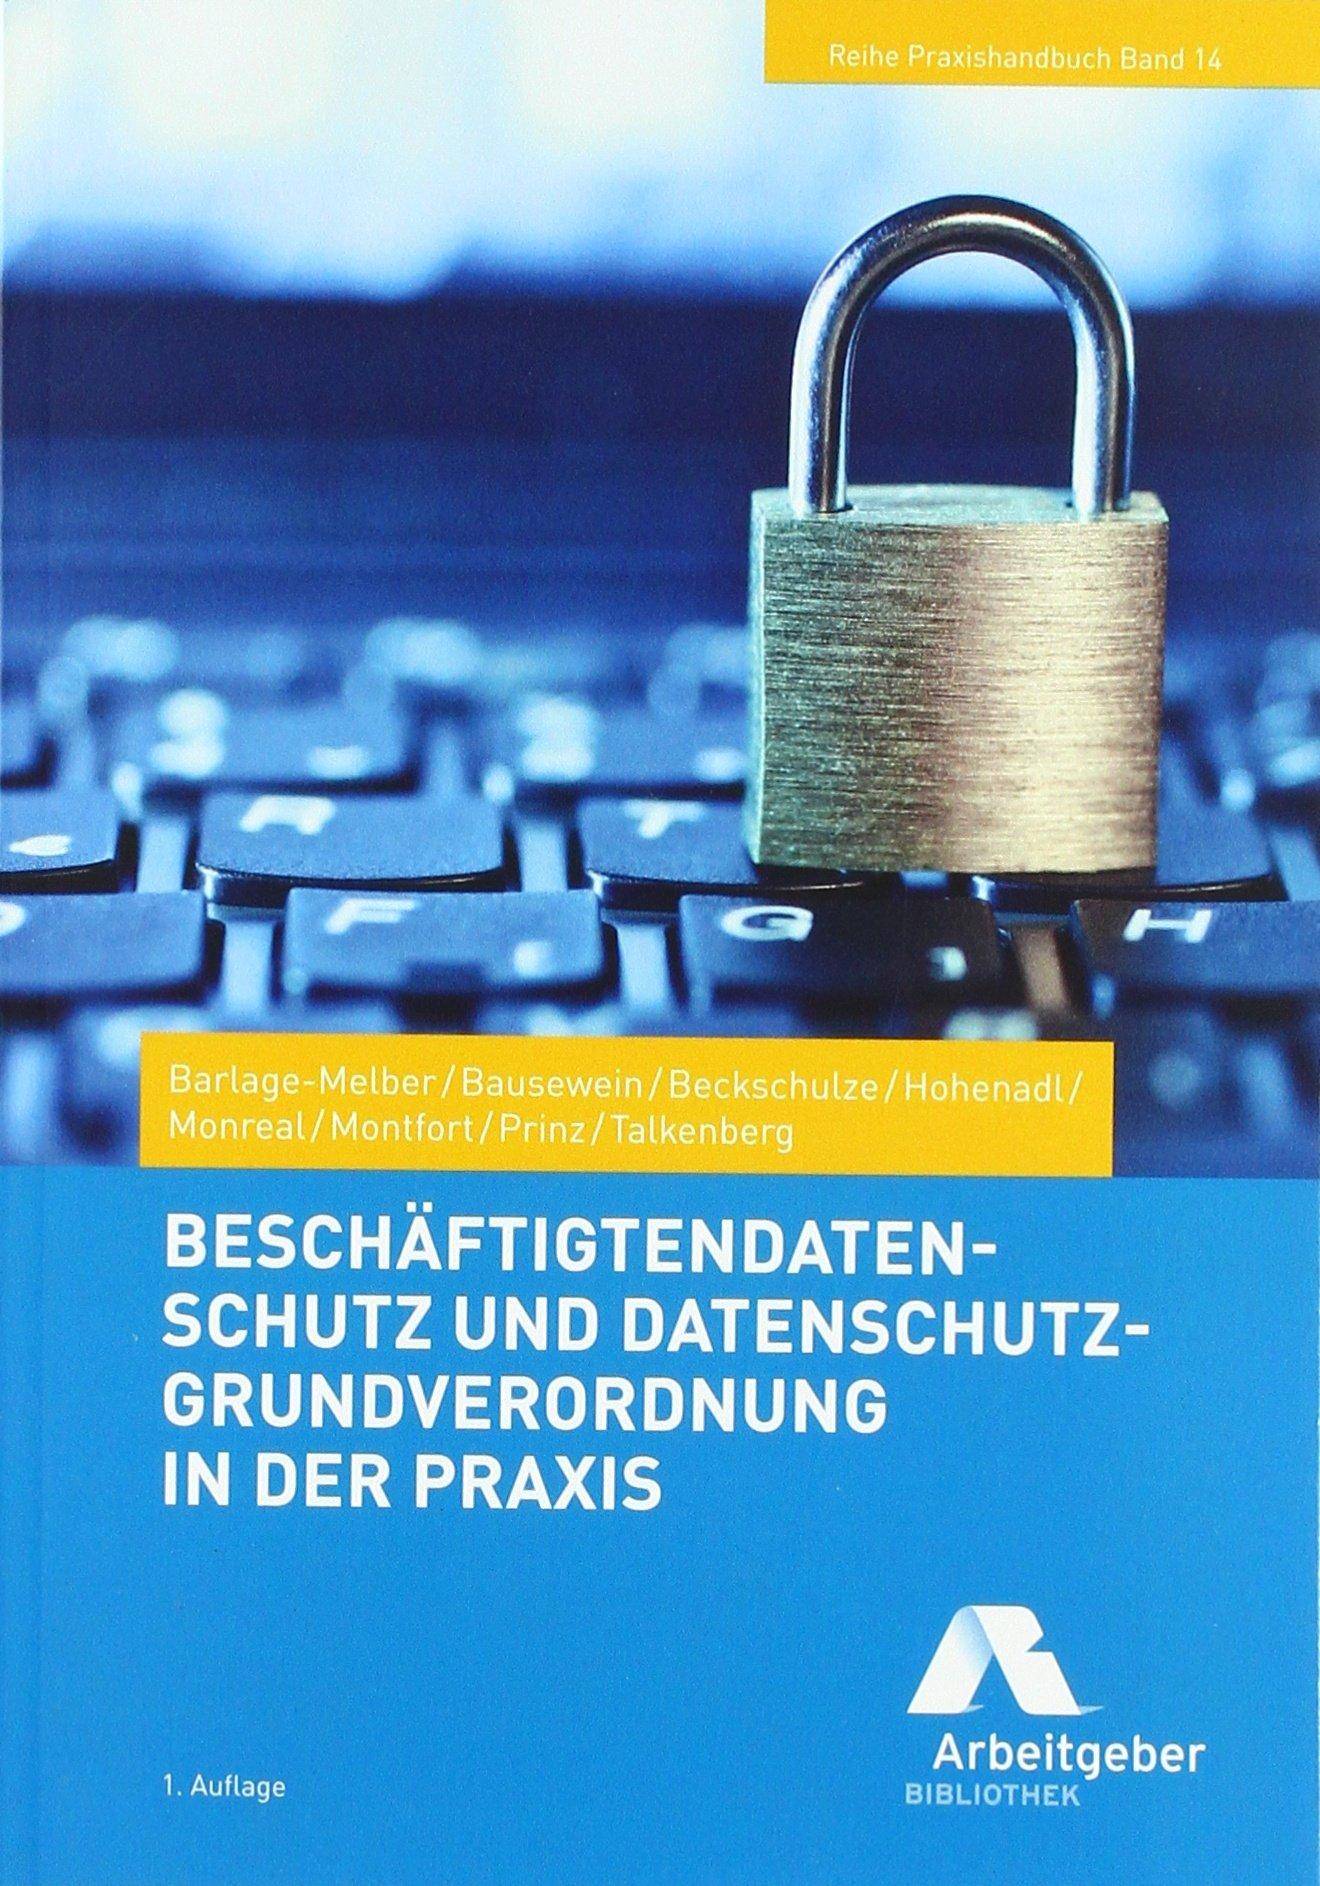 beschftigtendatenschutz-und-datenschutz-grundverordnung-in-der-praxis-reihe-praxishandbuch